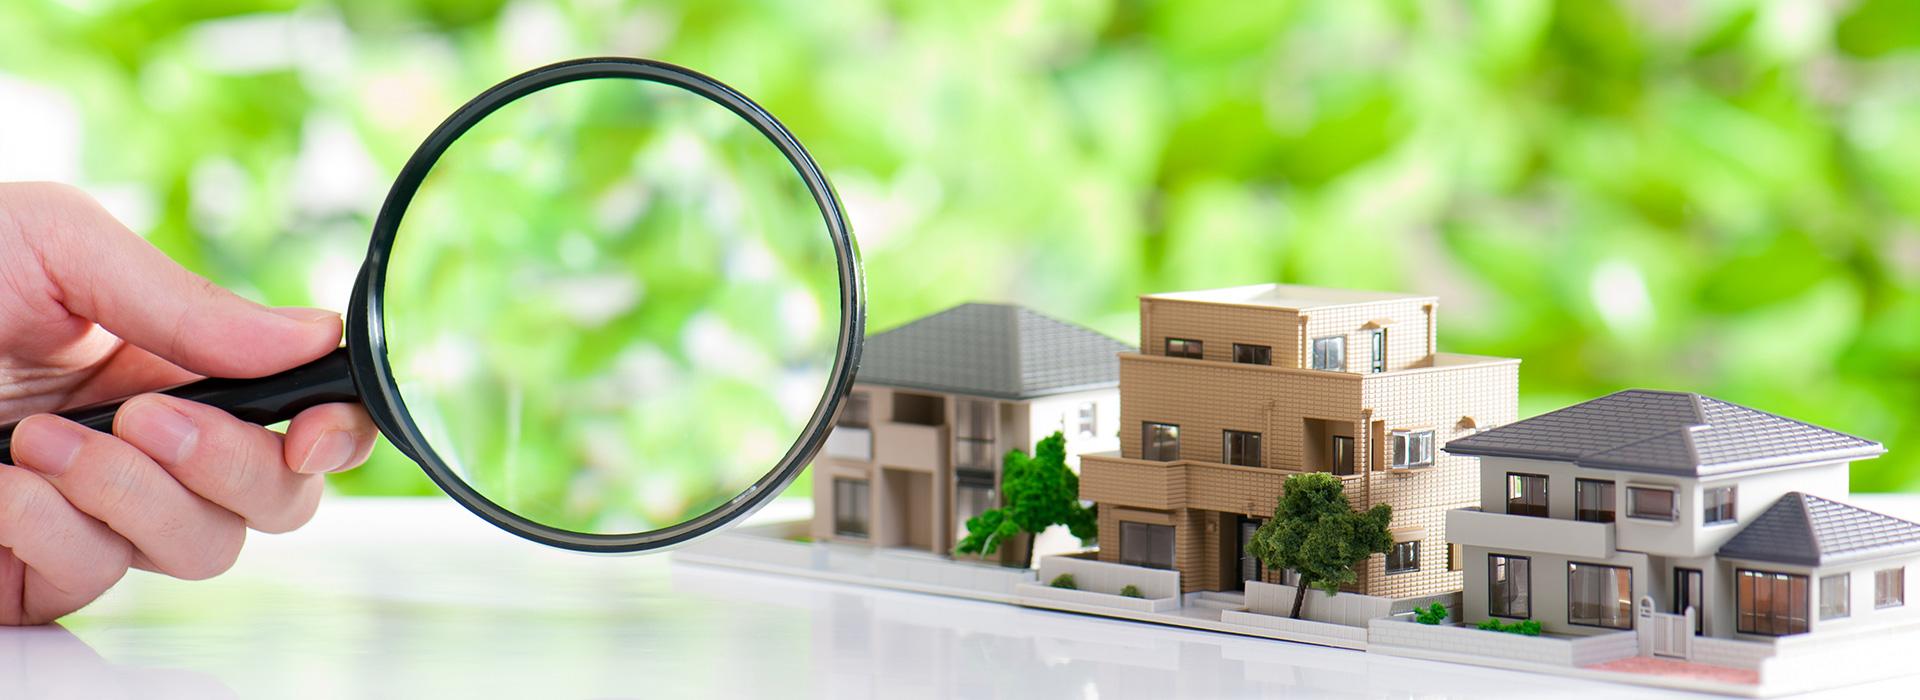 家の模型と虫眼鏡